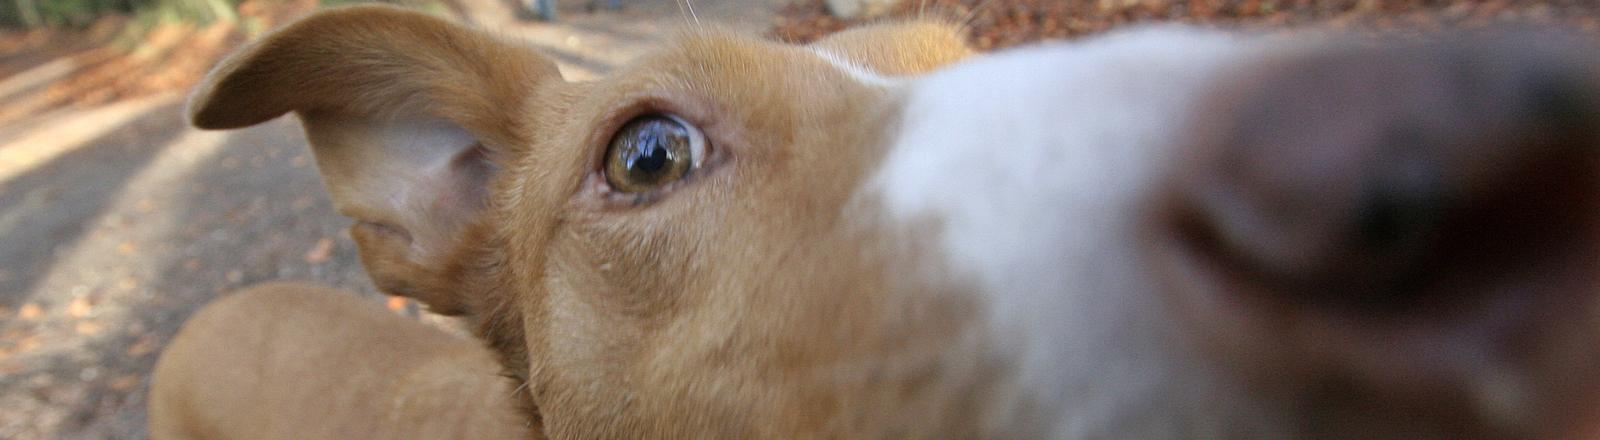 Ein Hund schaut in eine Kamera.